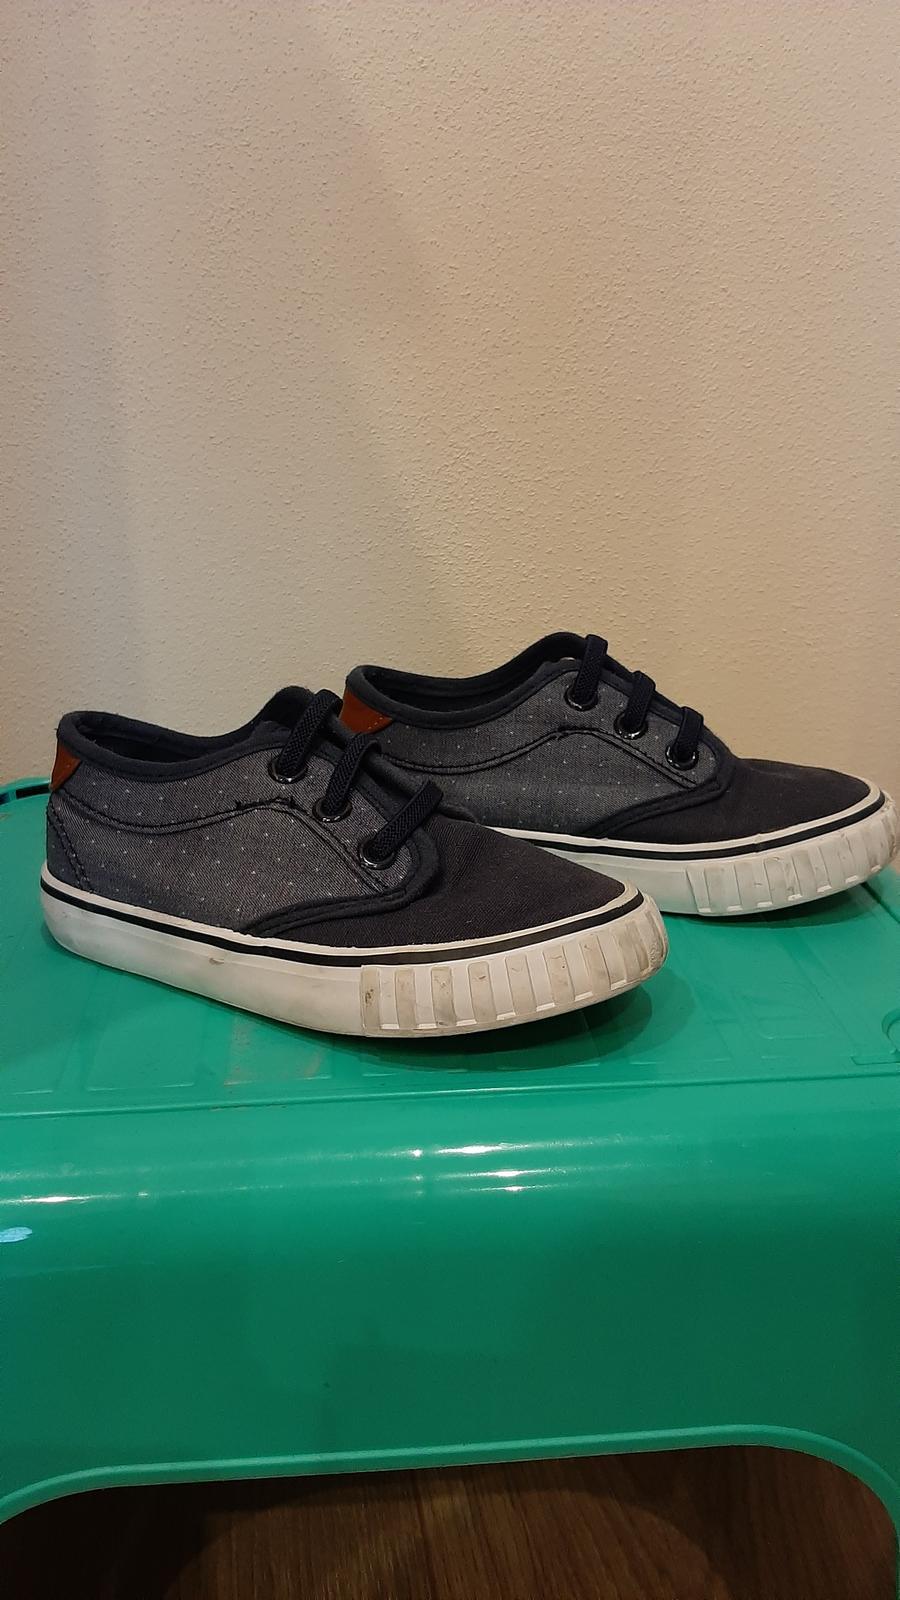 Chlapčenské topánky - Obrázok č. 1